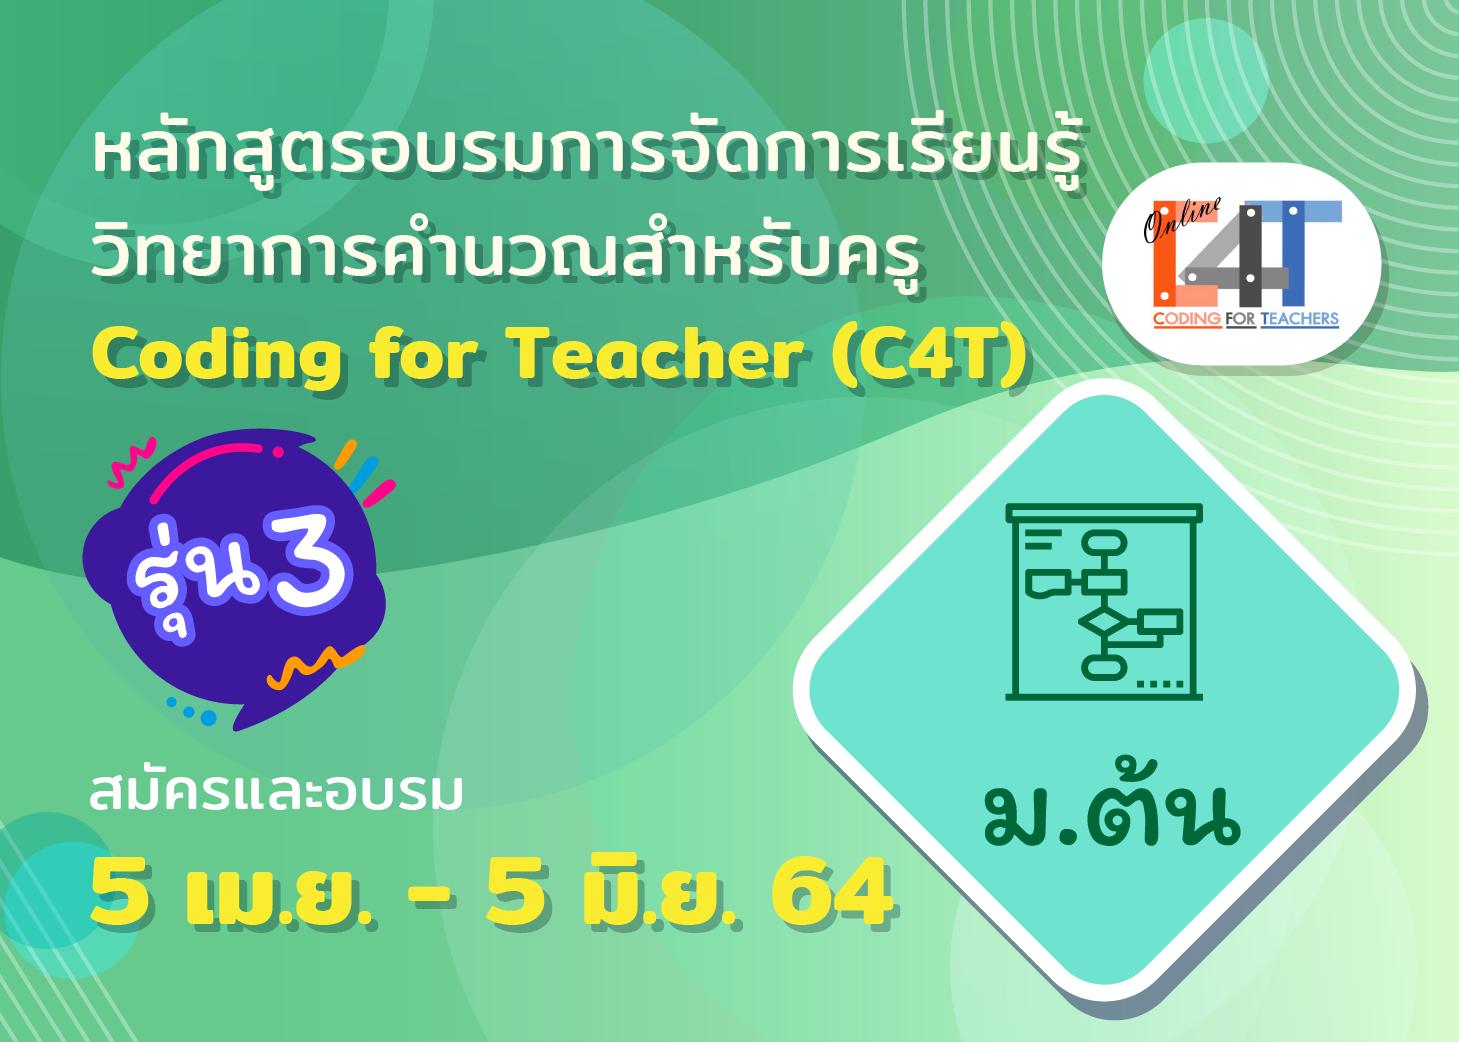 [รุ่นที่ 3] หลักสูตรอบรมออนไลน์การจัดการเรียนรู้วิทยาการคำนวณสำหรับครูมัธยมศึกษาปีที่ ๑ - ๓ Coding Online for Grade ๗-๙ Teacher (C๔T – ๘)